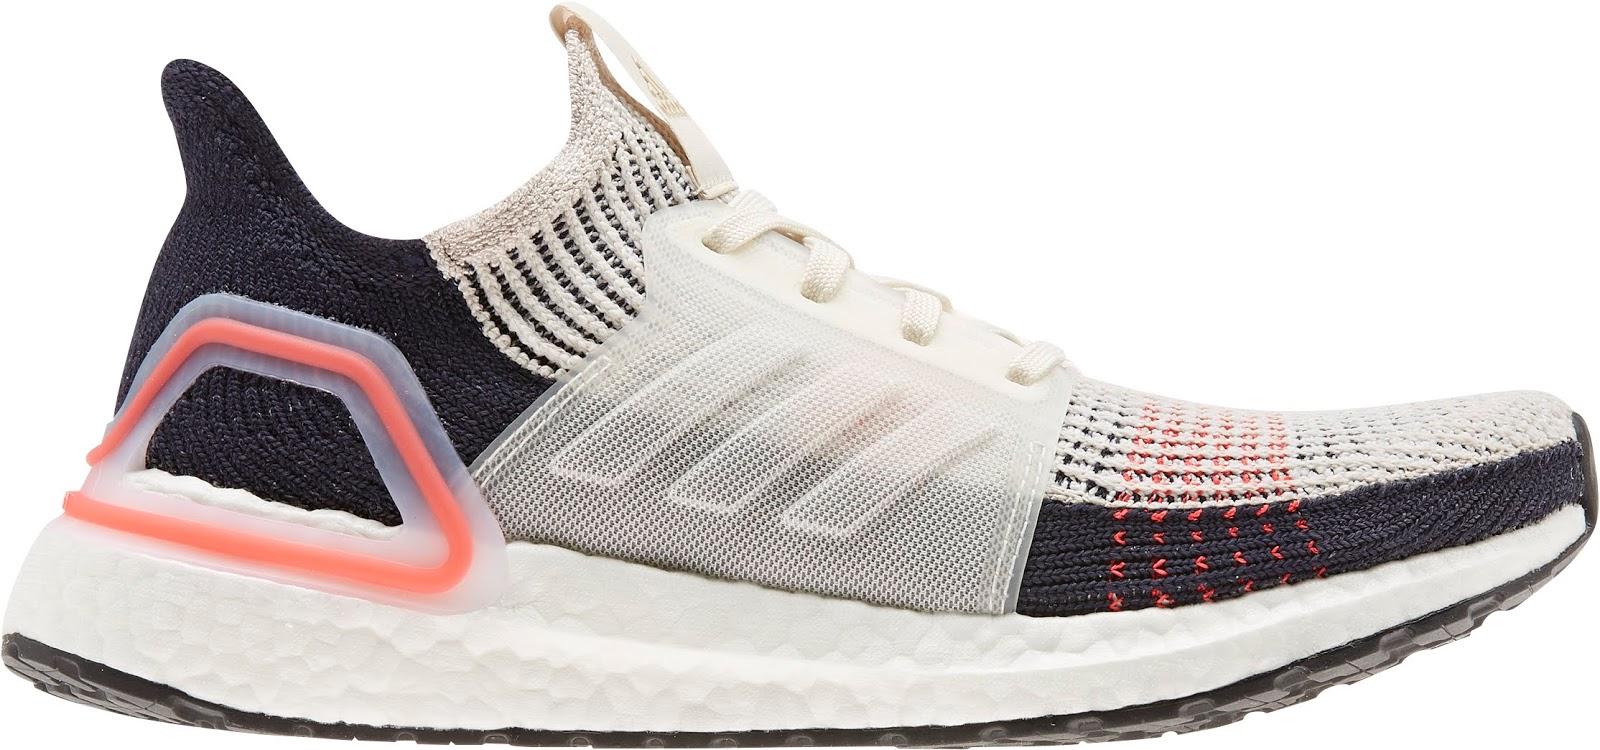 """e4f16874 adidas Running presenta Ultraboost 19, nueva versión de la zapatilla que  llegó para cambiar el running, y una nueva campaña llamada """"Recode Running""""."""